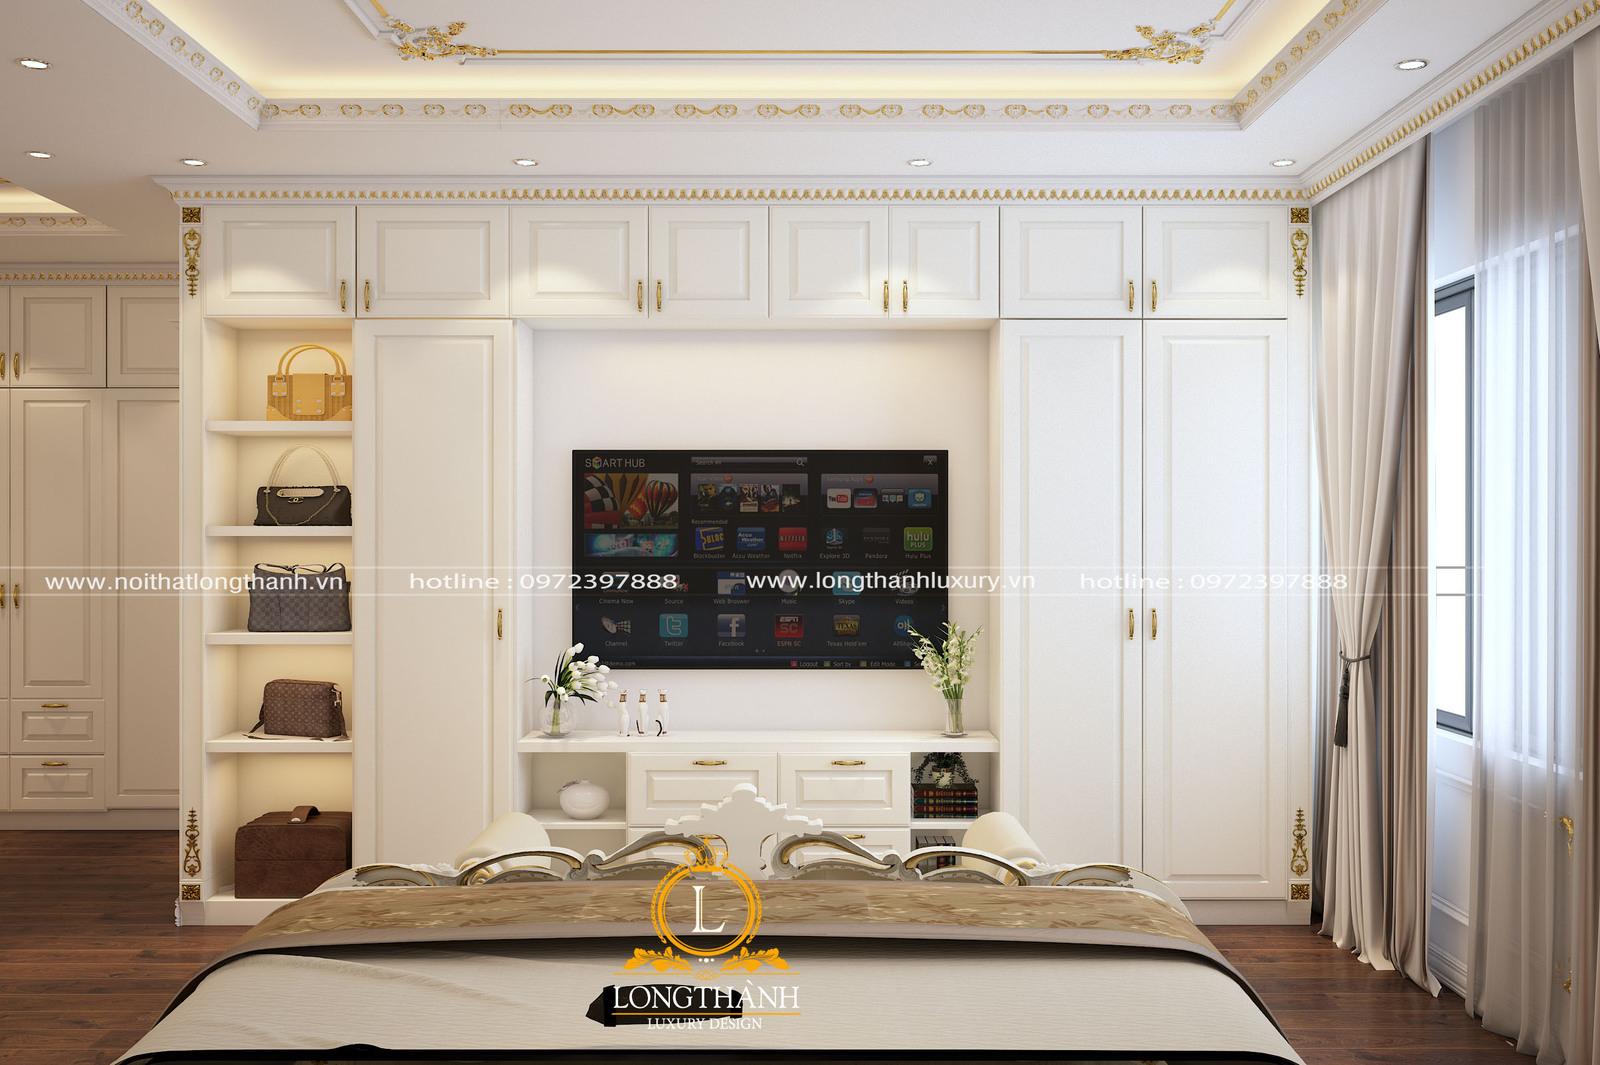 Kệ tivi và tủ quần áo gỗ tự nhiên sơn trắng phong cách tân cổ điển